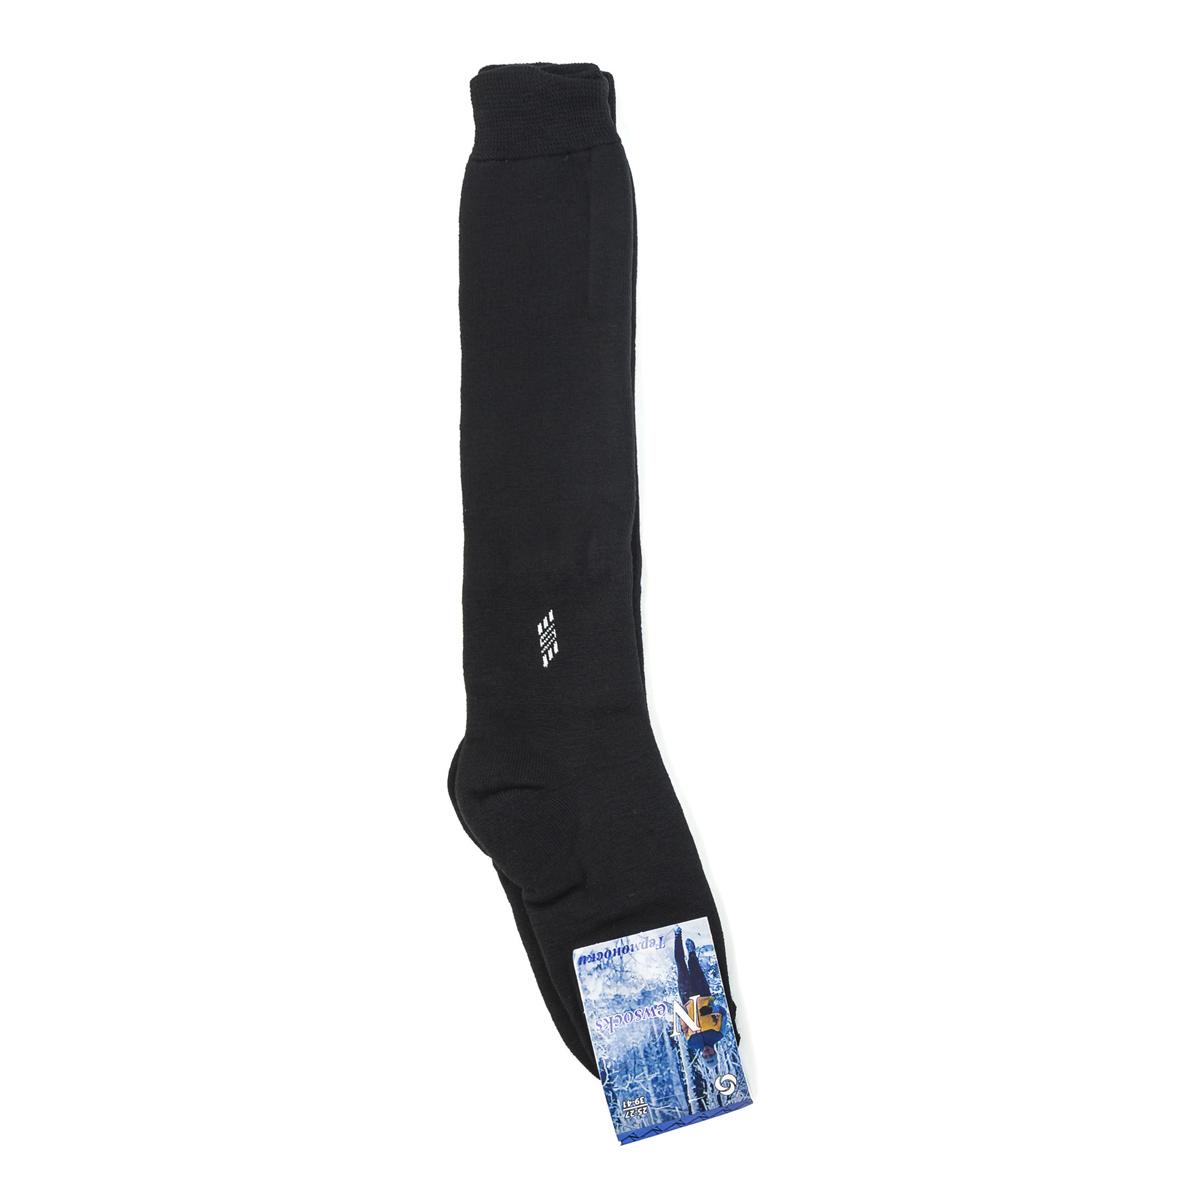 Муж. носки арт. 12-0063 р. 39-41Носки<br><br><br>Тип: Муж. носки<br>Размер: 39-41<br>Материал: Махра